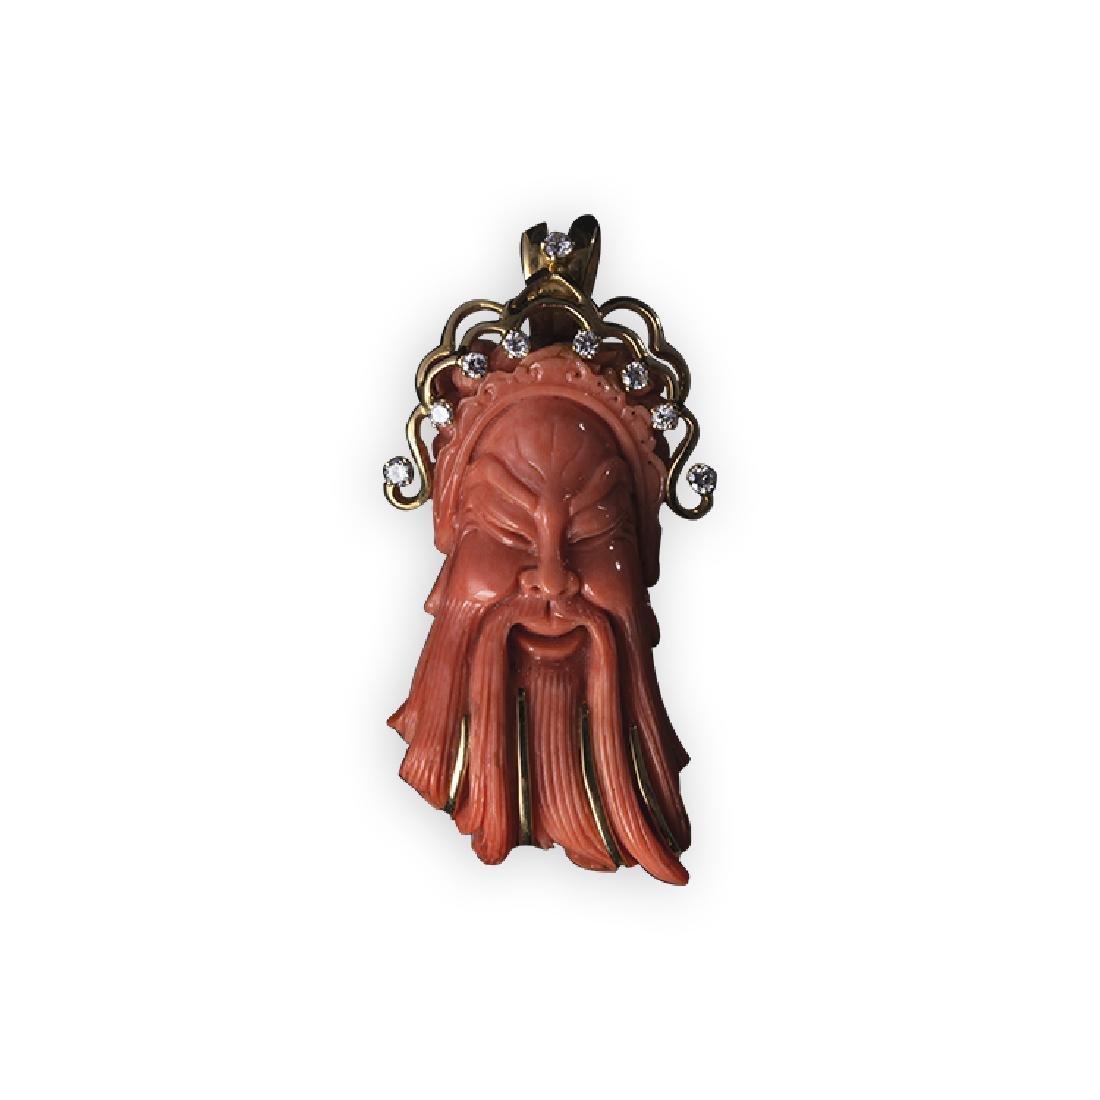 Pendant representing Confucius in coral